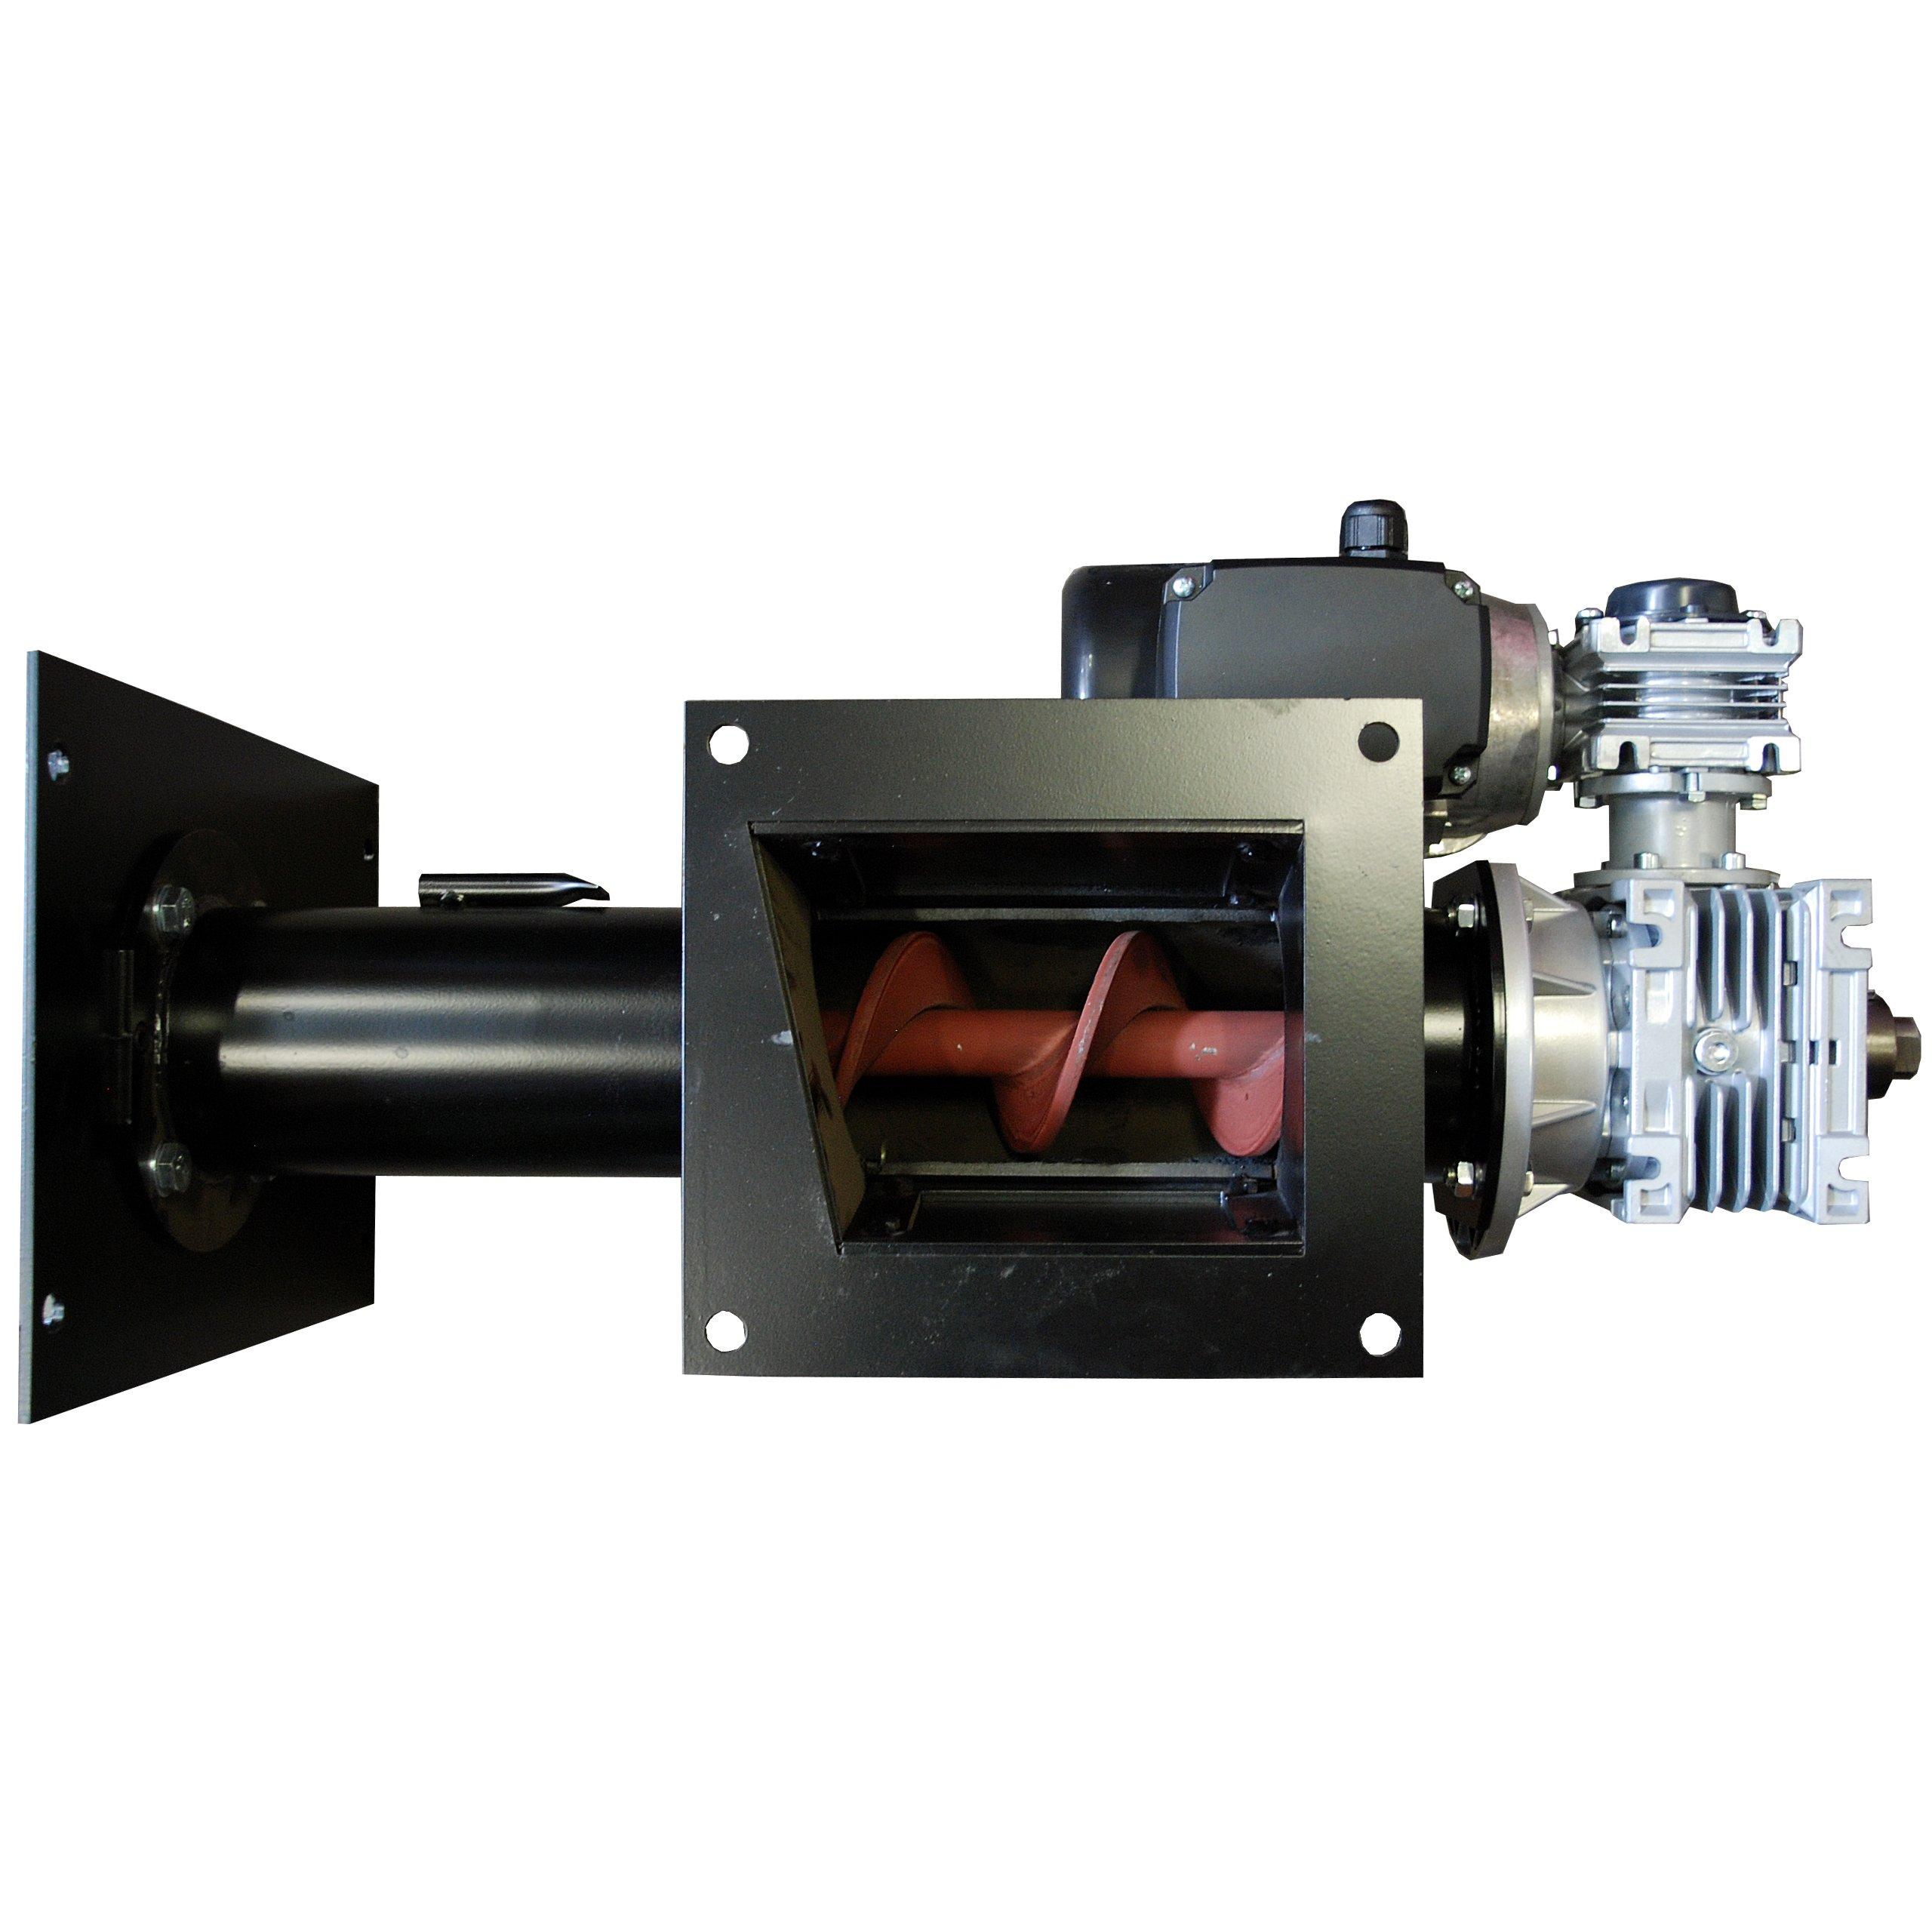 PODÁVAČ AUGER PRE KOTĽOVÝ KOTOL ECO 25 KW Typ kachlí dvojfunkčný dvojfunkčný so zásobníkom teplej vody jednoúčelová spaľovacia komora